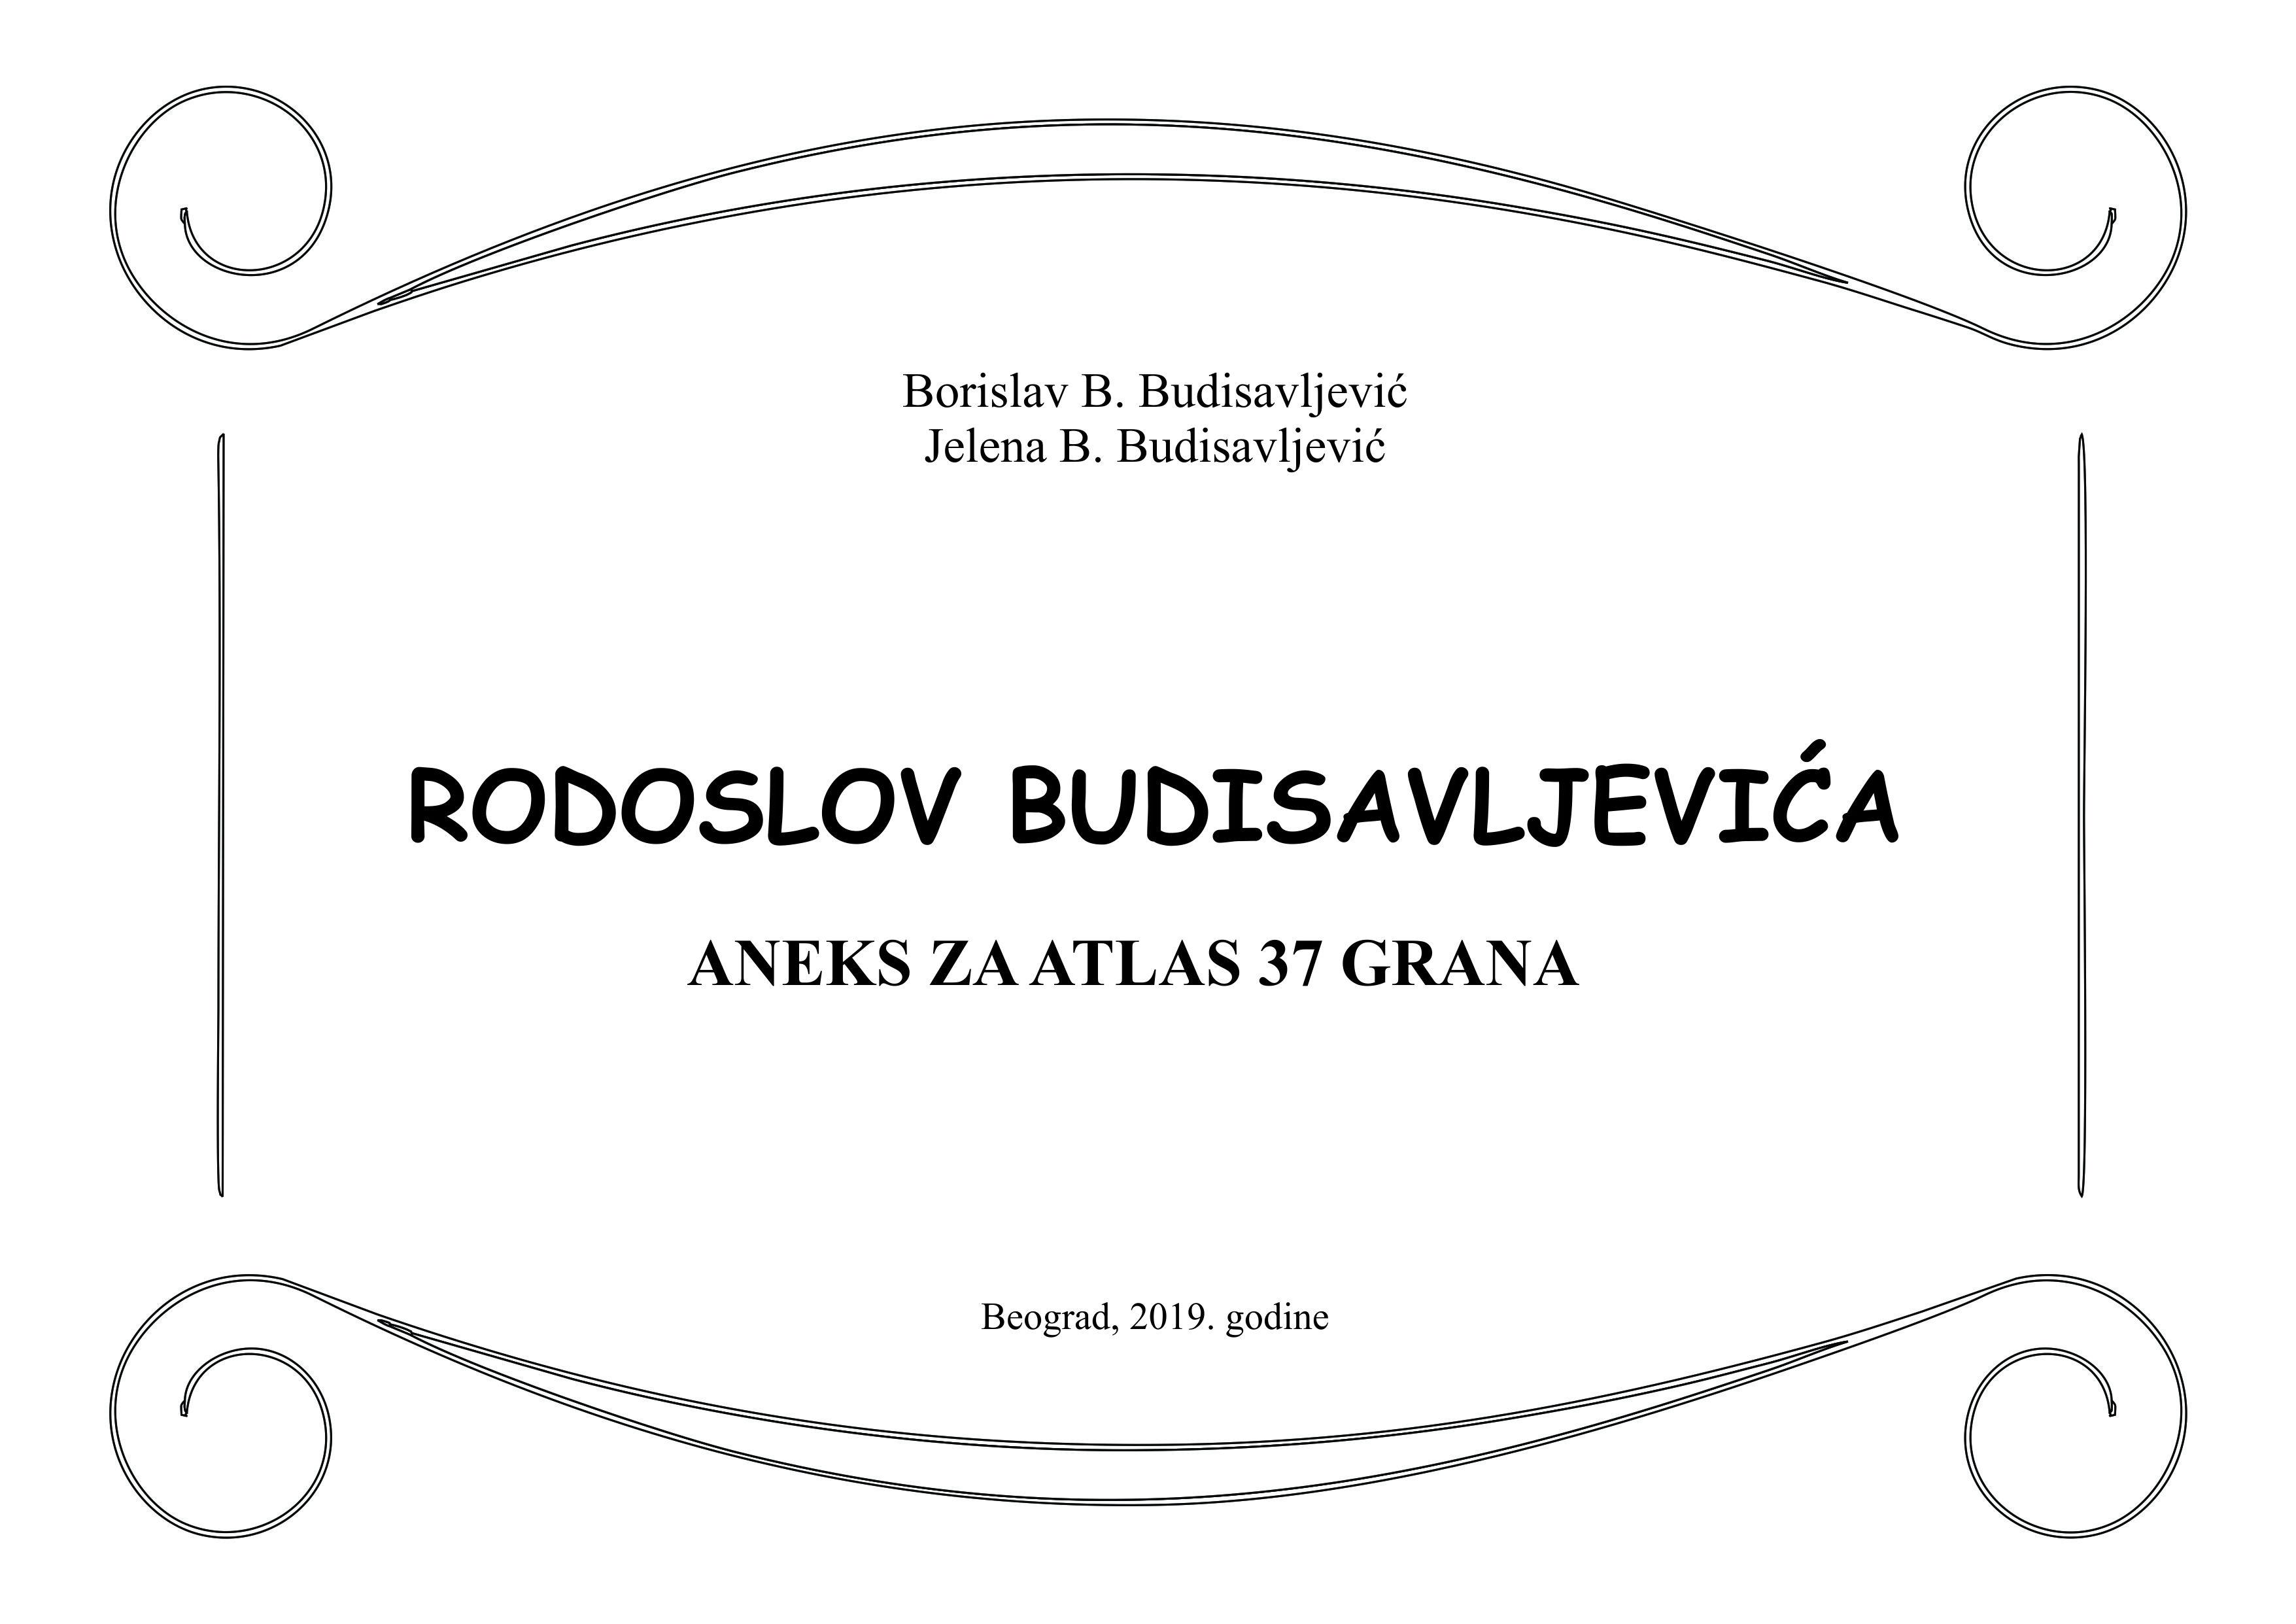 Анекс за Атлас 37 грана Будисављевића